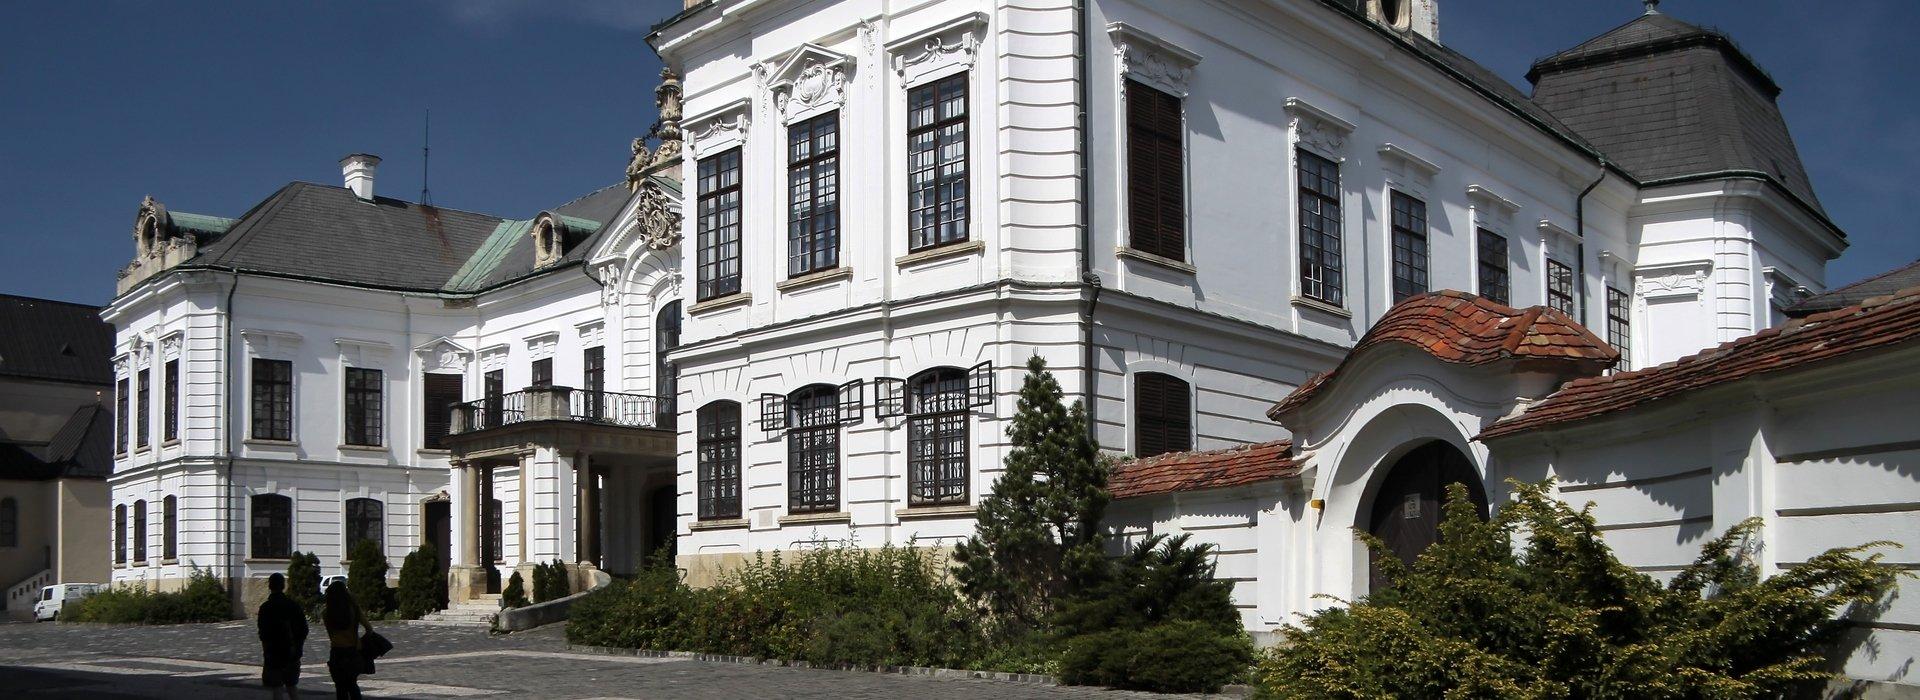 Veszprém Culture – Cultural life of Veszprém